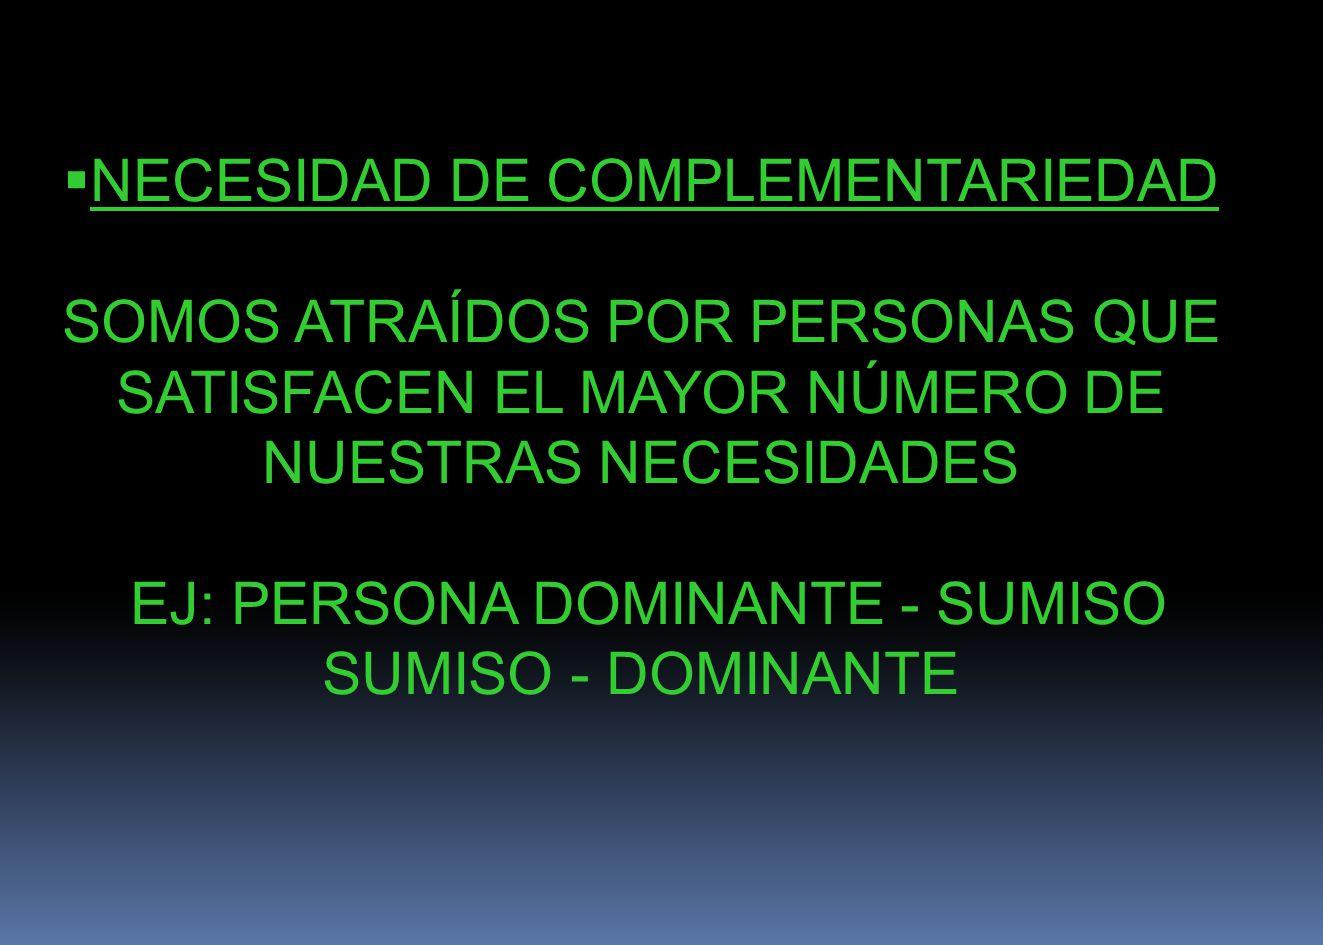 NECESIDAD DE COMPLEMENTARIEDAD